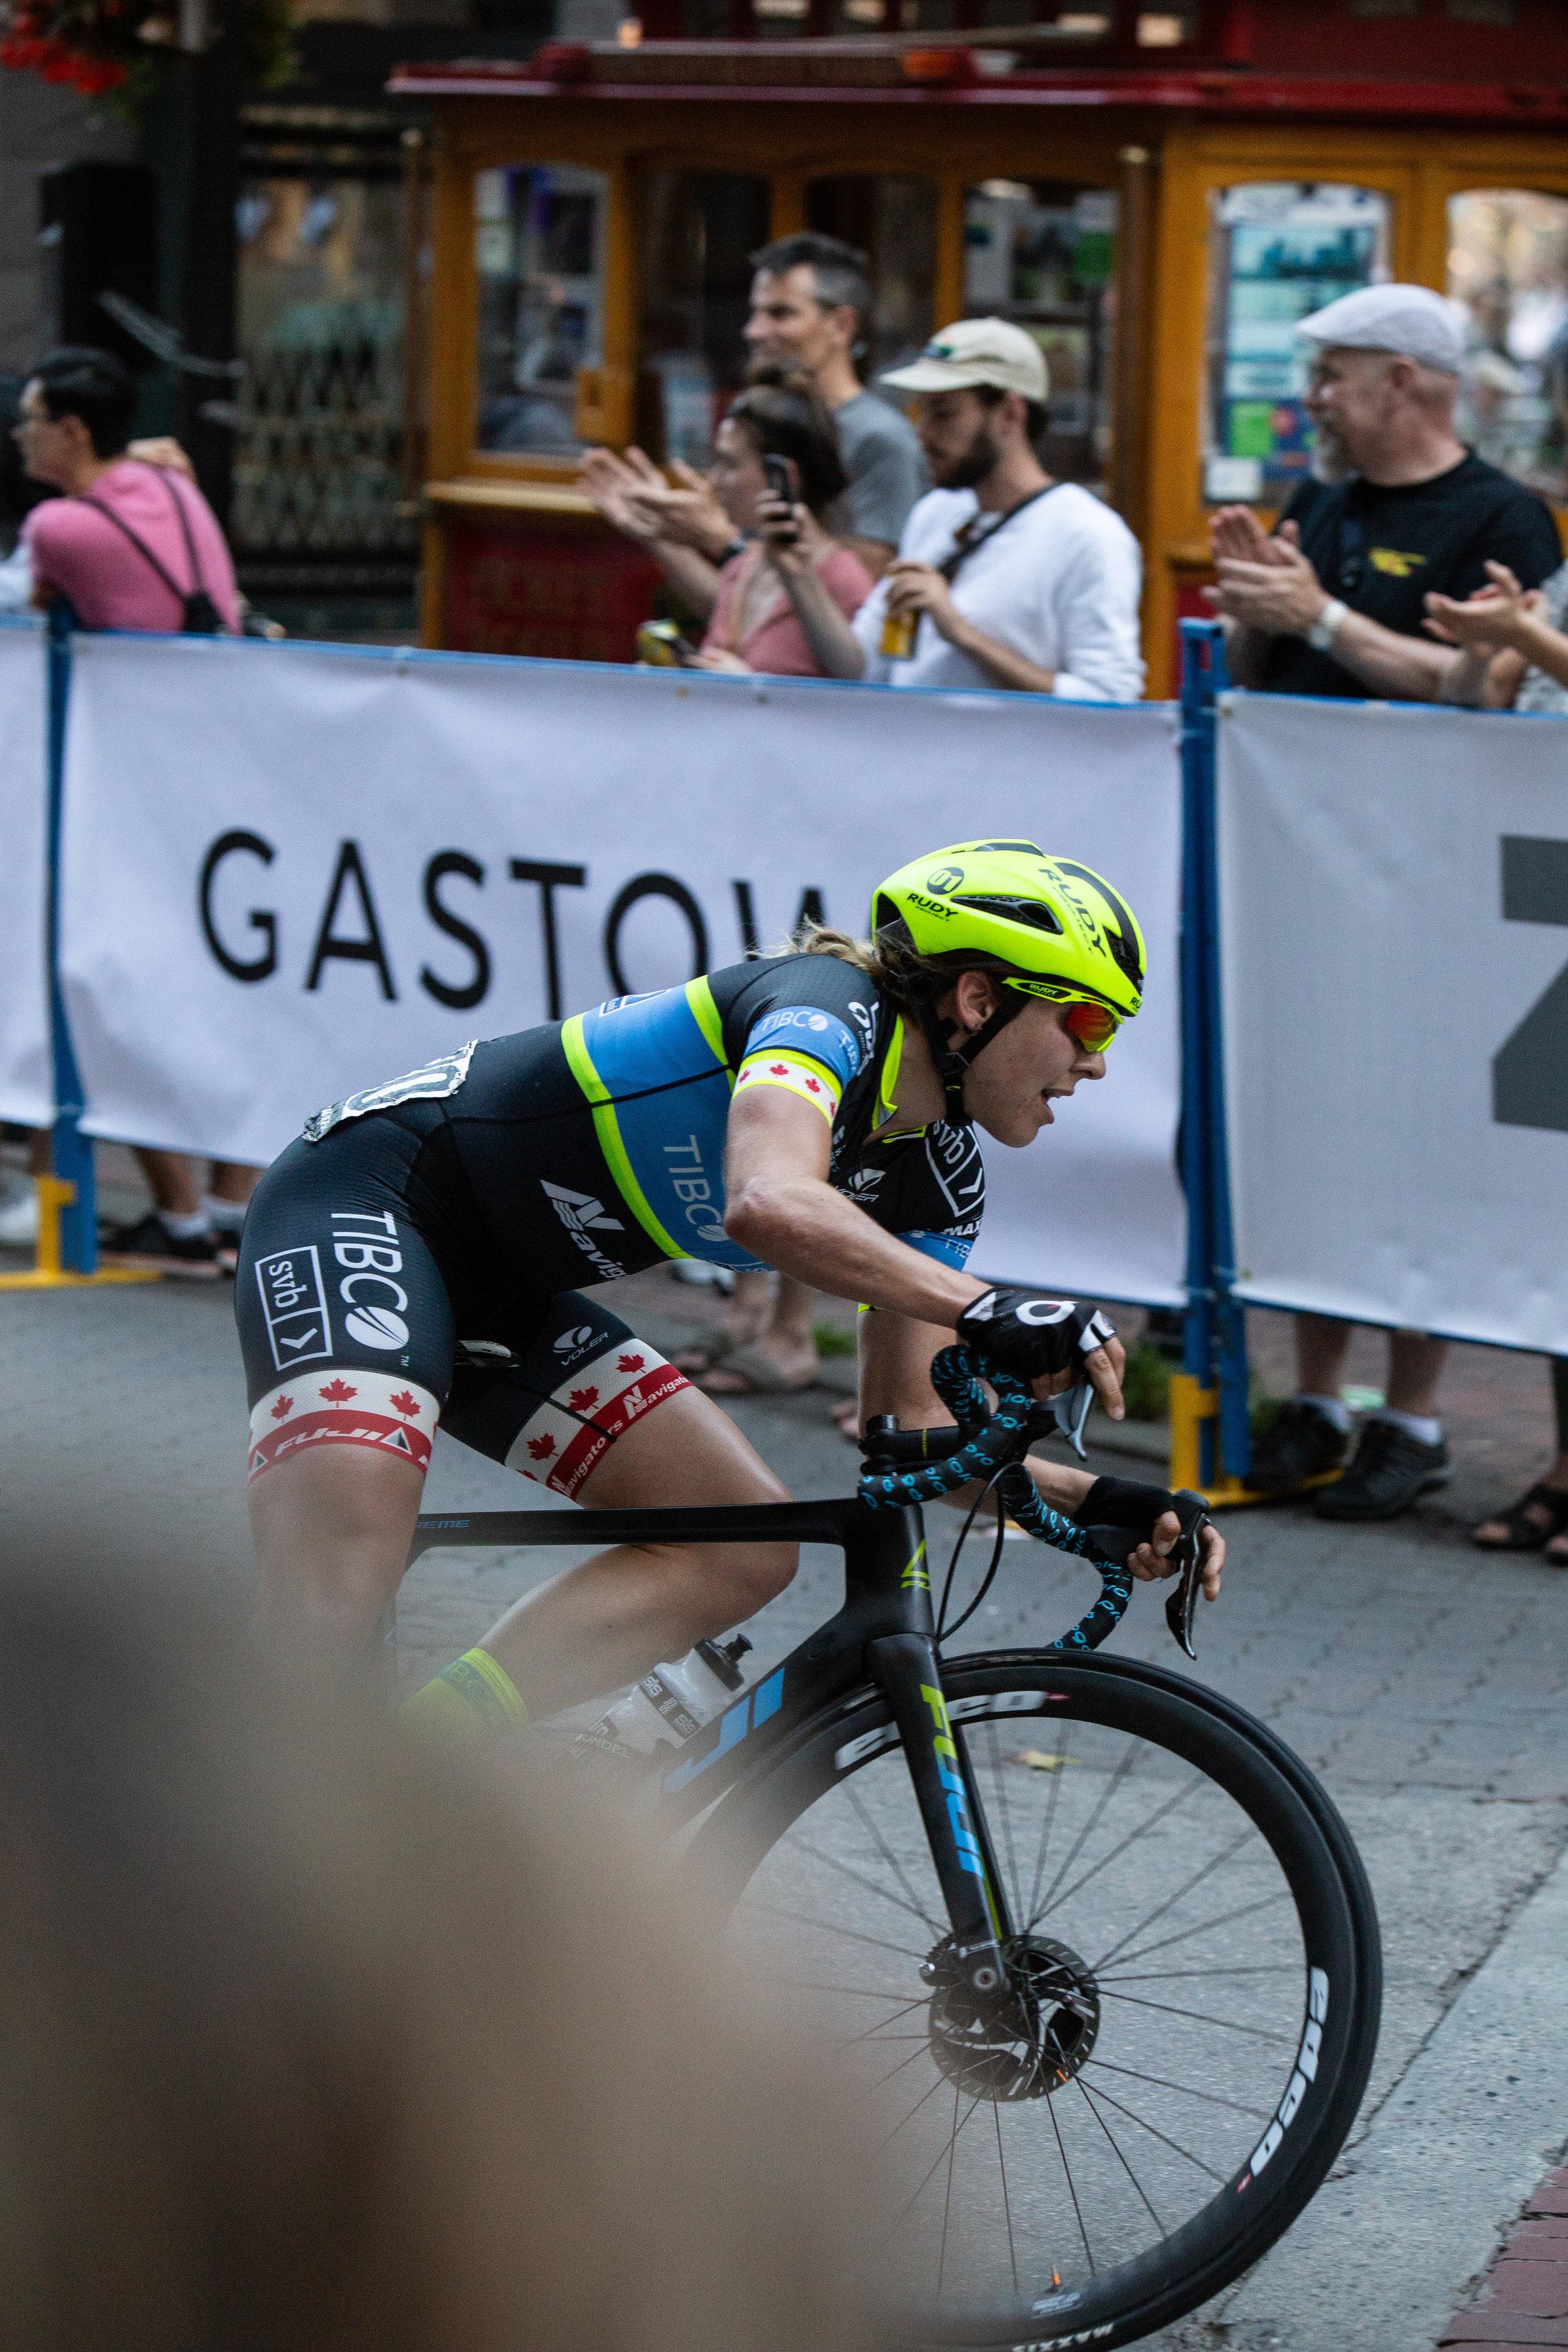 Gas Town Grand Prix, 2018